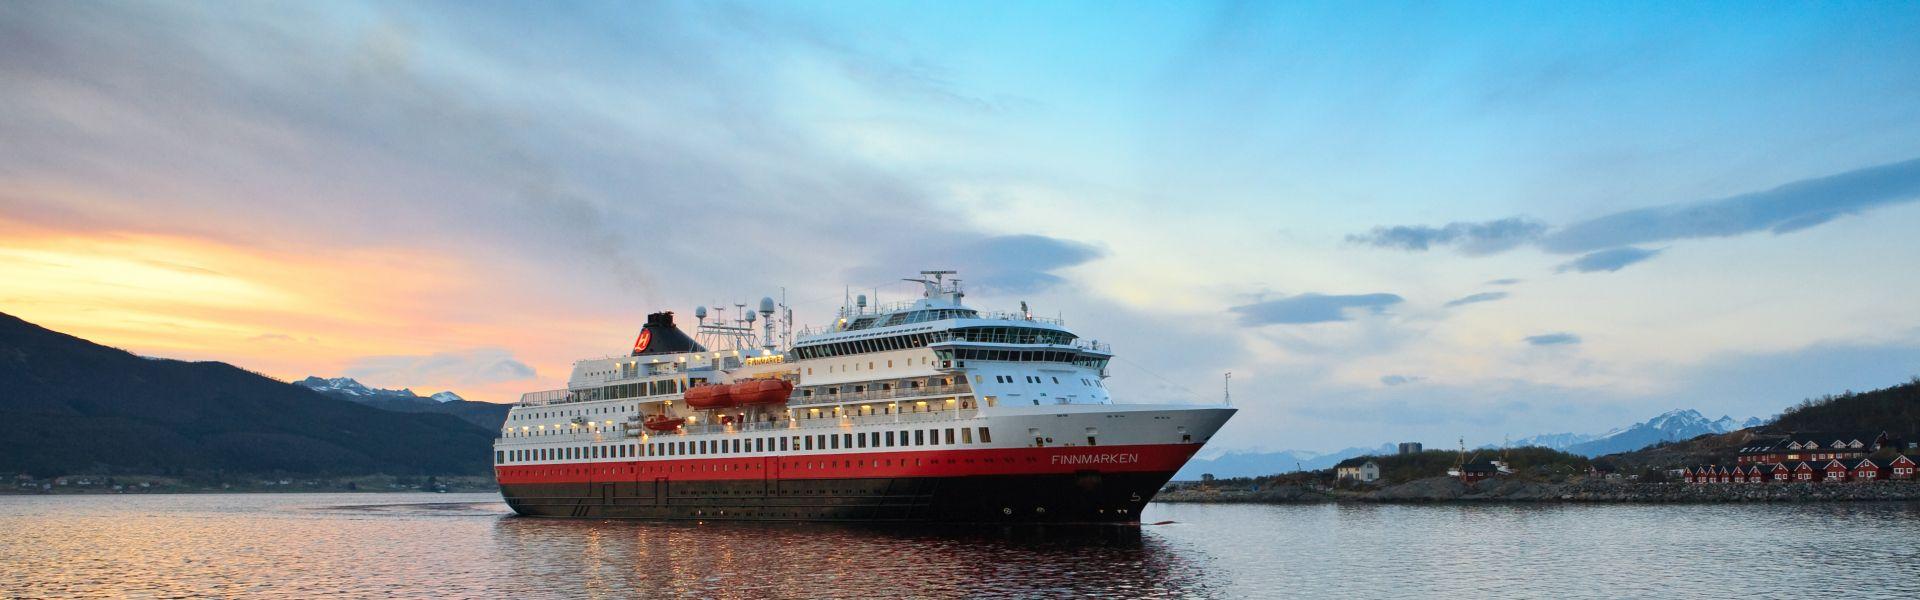 Croaziera 2017 - Scandinavia si Fiordurile Norvegiene (Bergen) - Hurtigruten - MS Finnmarken - 11 nopti